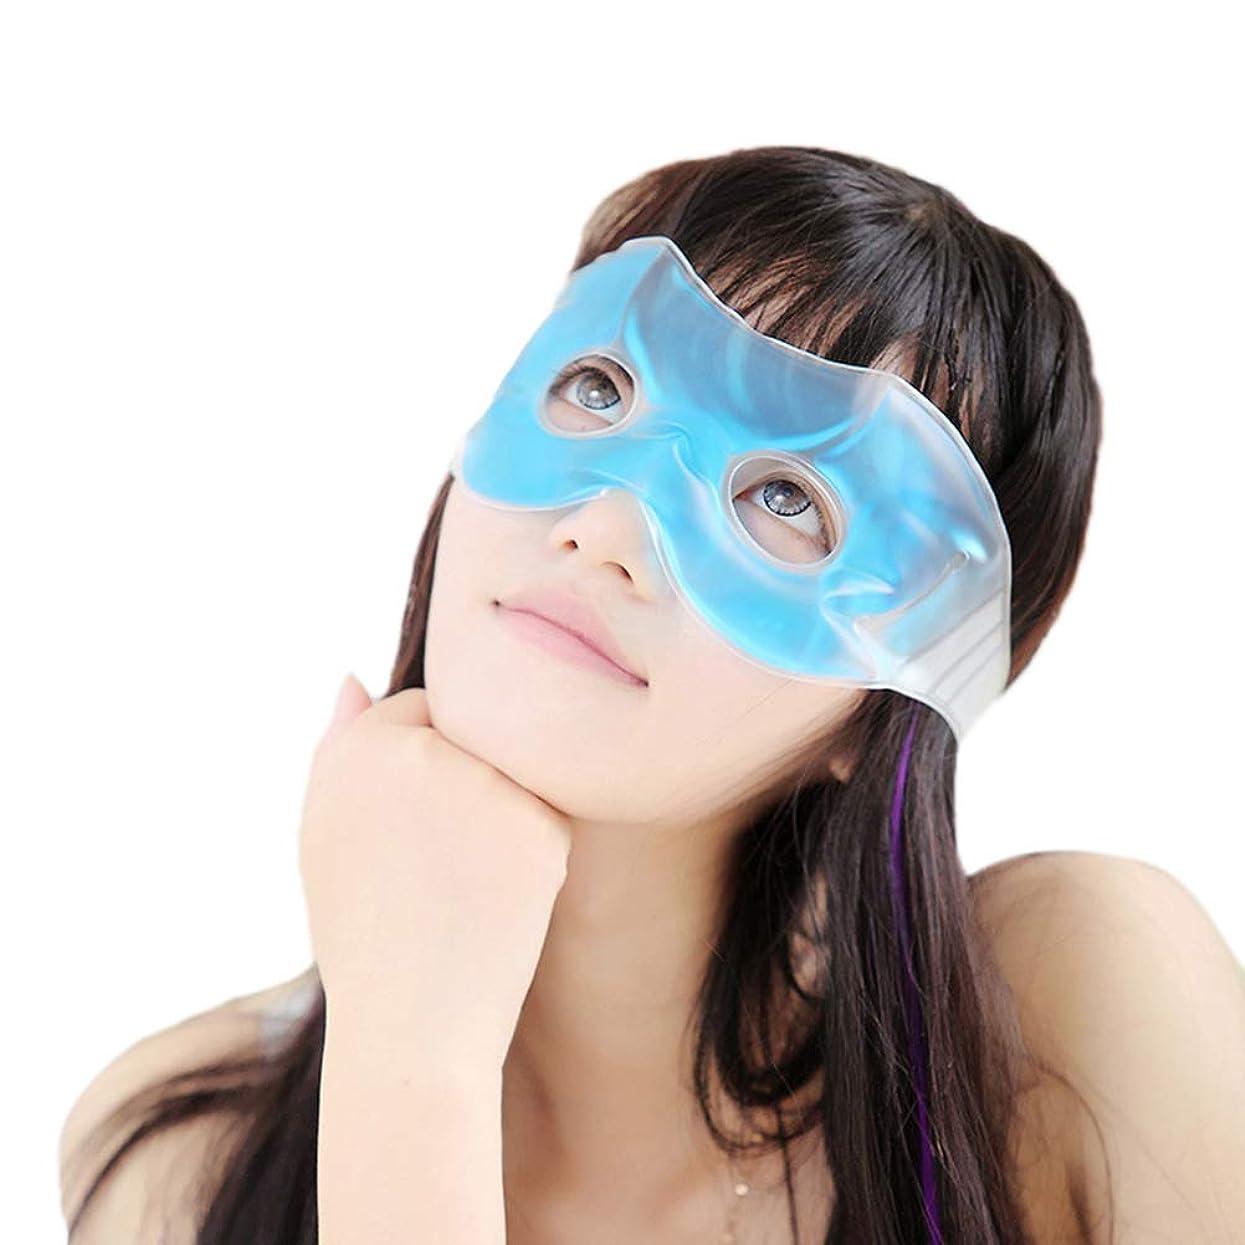 閃光分類する暴君Heallilyアイスアイマスク睡眠アイスパッチ冷却リラックスブラインド快適なパッチ用アイパフネスダークサークル